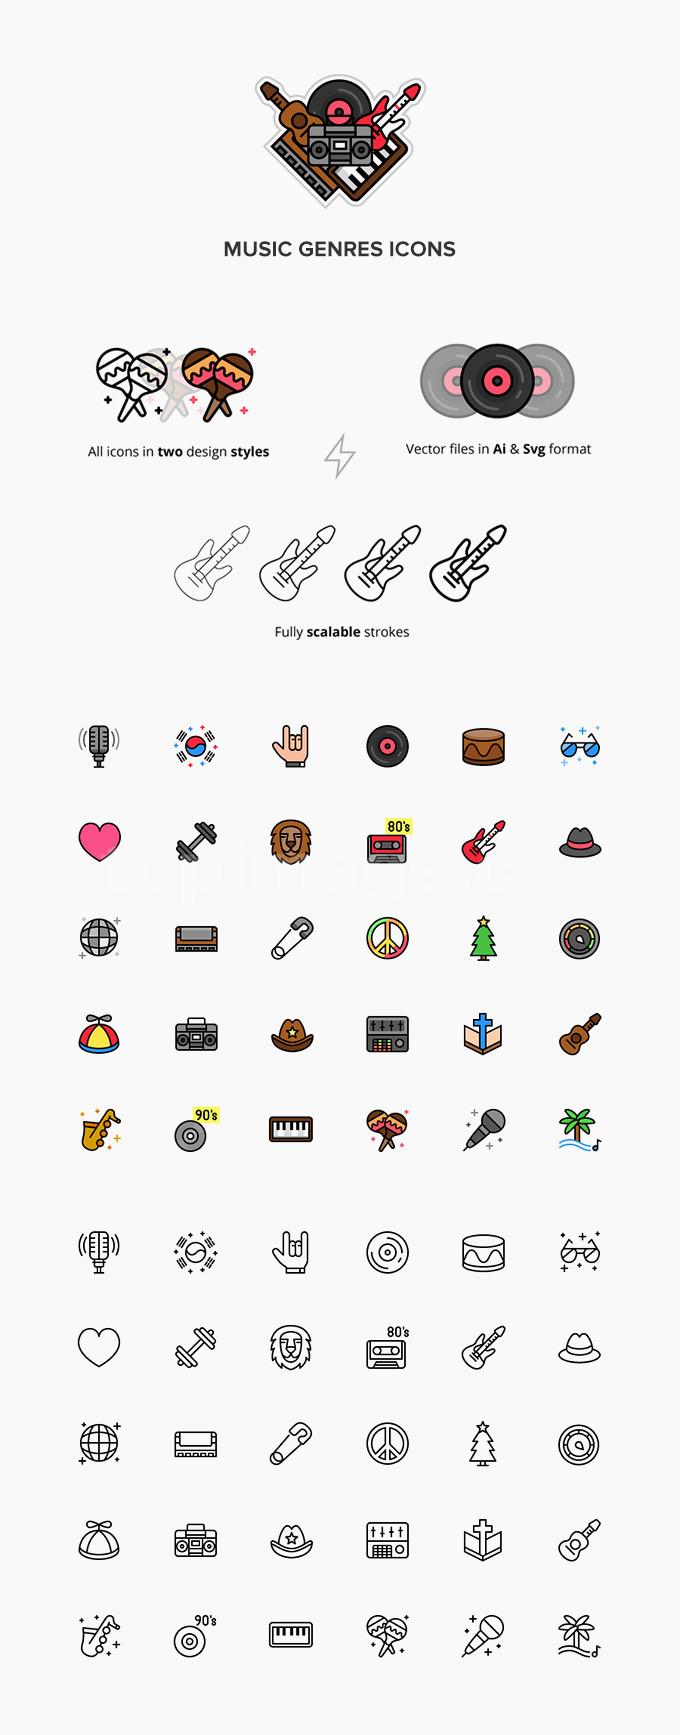 复古音乐乐器icon flat 图标扁平 麦克风 电子琴 电吉他碟 ktv 娱乐道具下载源文件